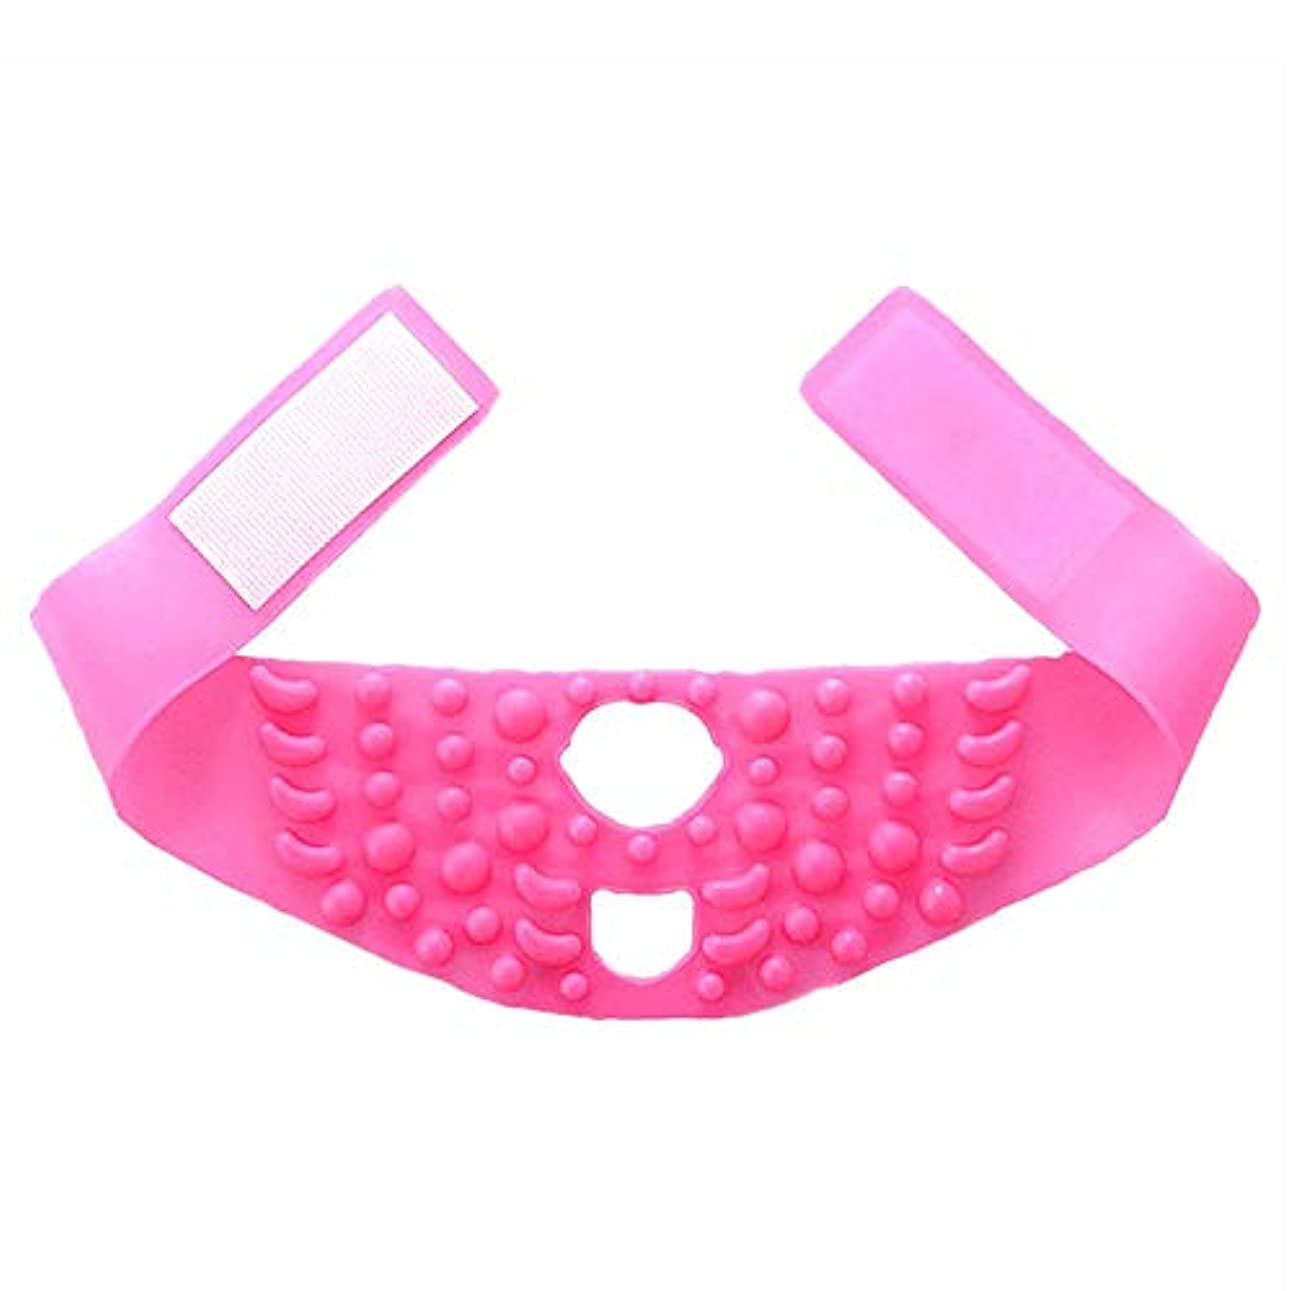 競合他社選手打ち負かすカバレッジGYZ シンフェイスマスクシリコーンマッサージ引き締まった形の小さなVフェイスリフティングに薄いフェイスアーティファクト包帯を飾る - ピンク Thin Face Belt